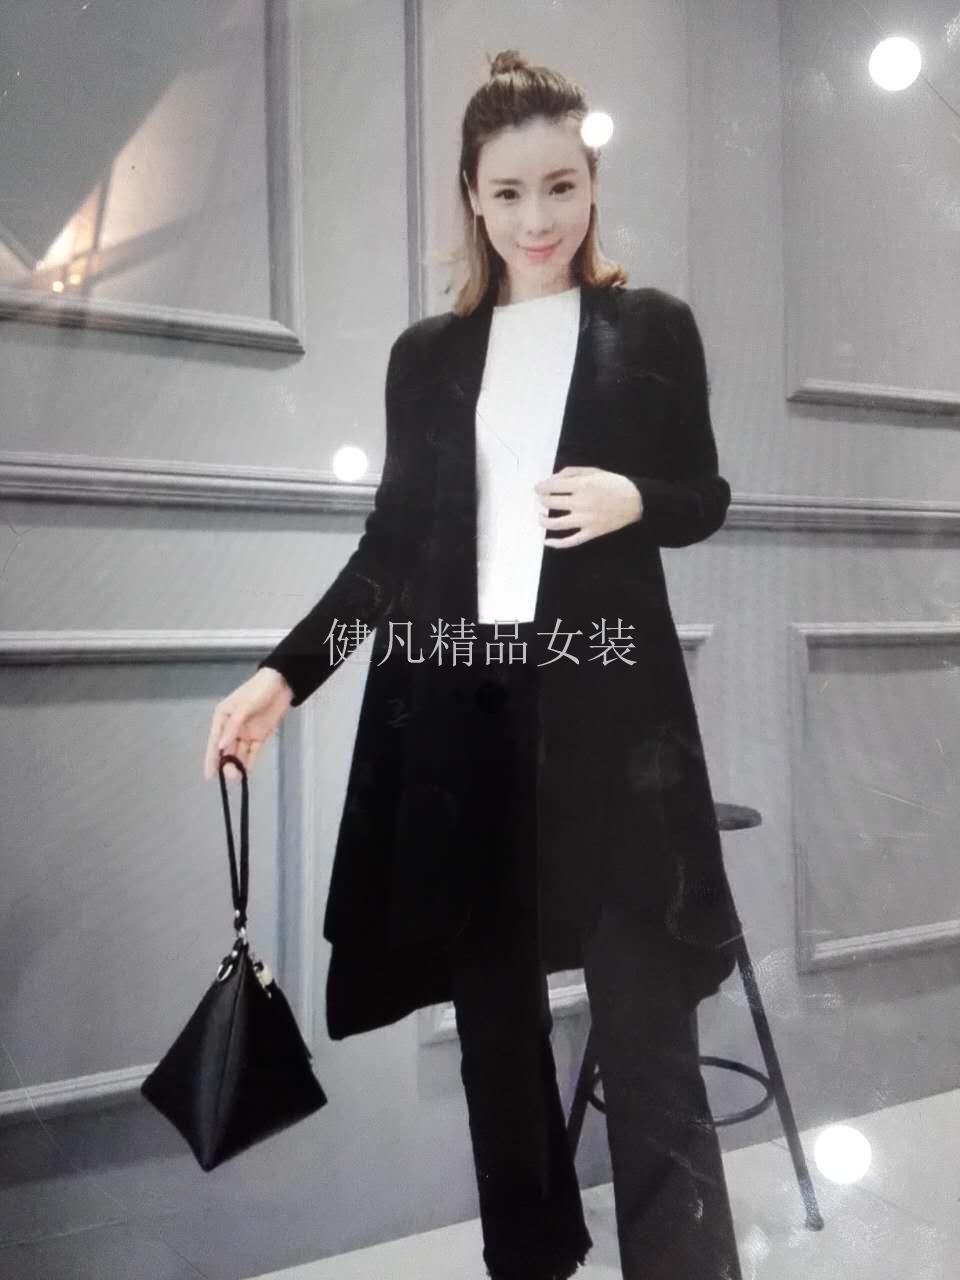 高端品牌羽绒服秋冬新款新到欧洲站风格双面呢大衣批发分份